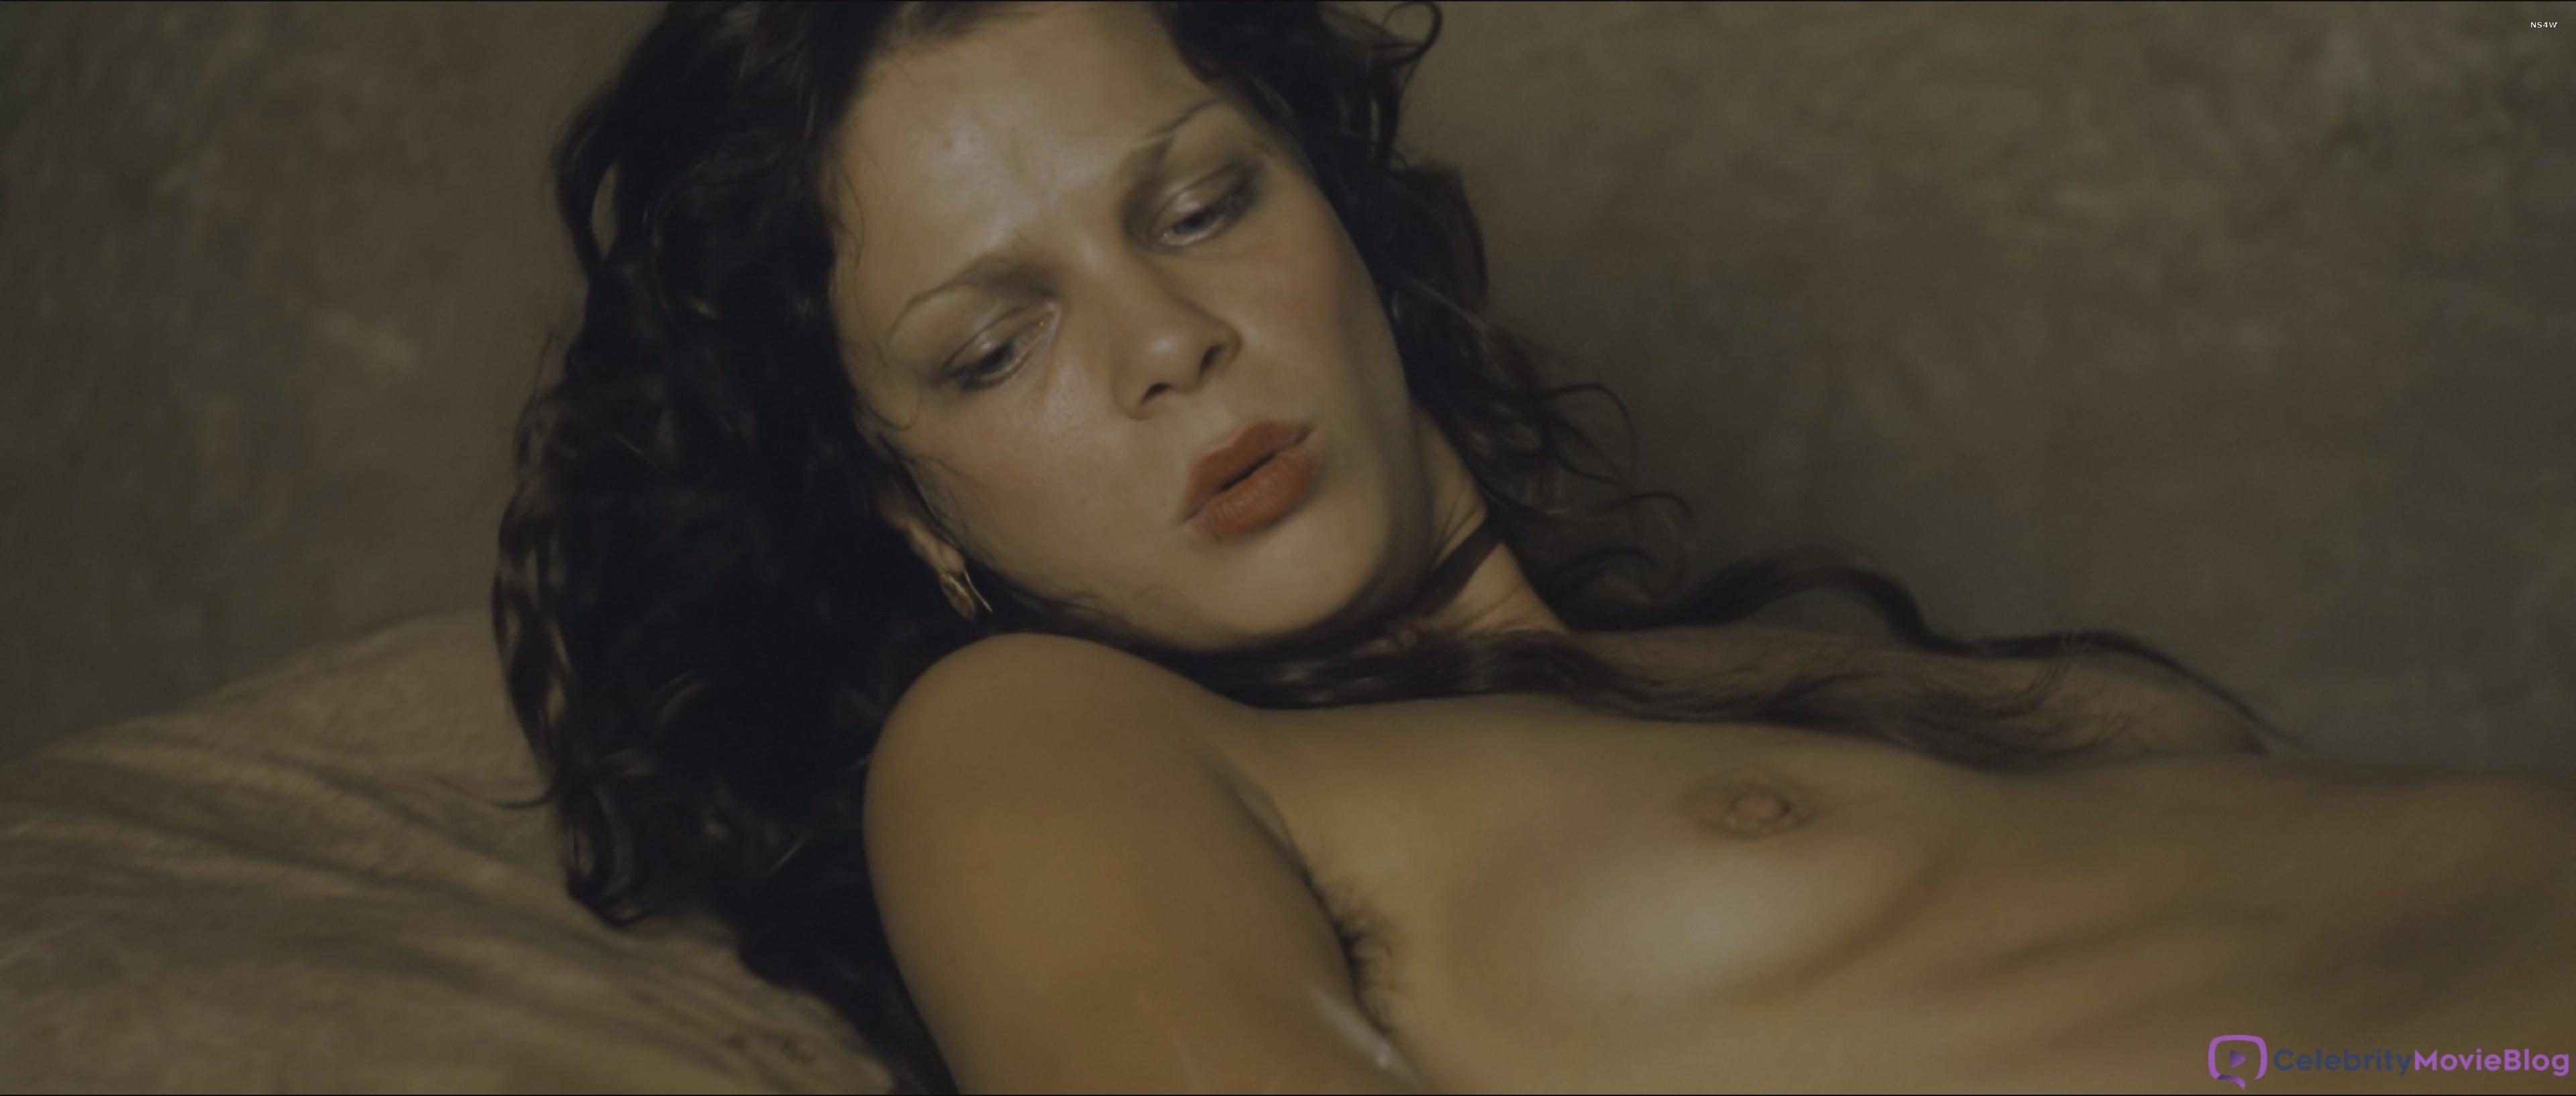 Schwarz nude jessica Jessica Schwarz